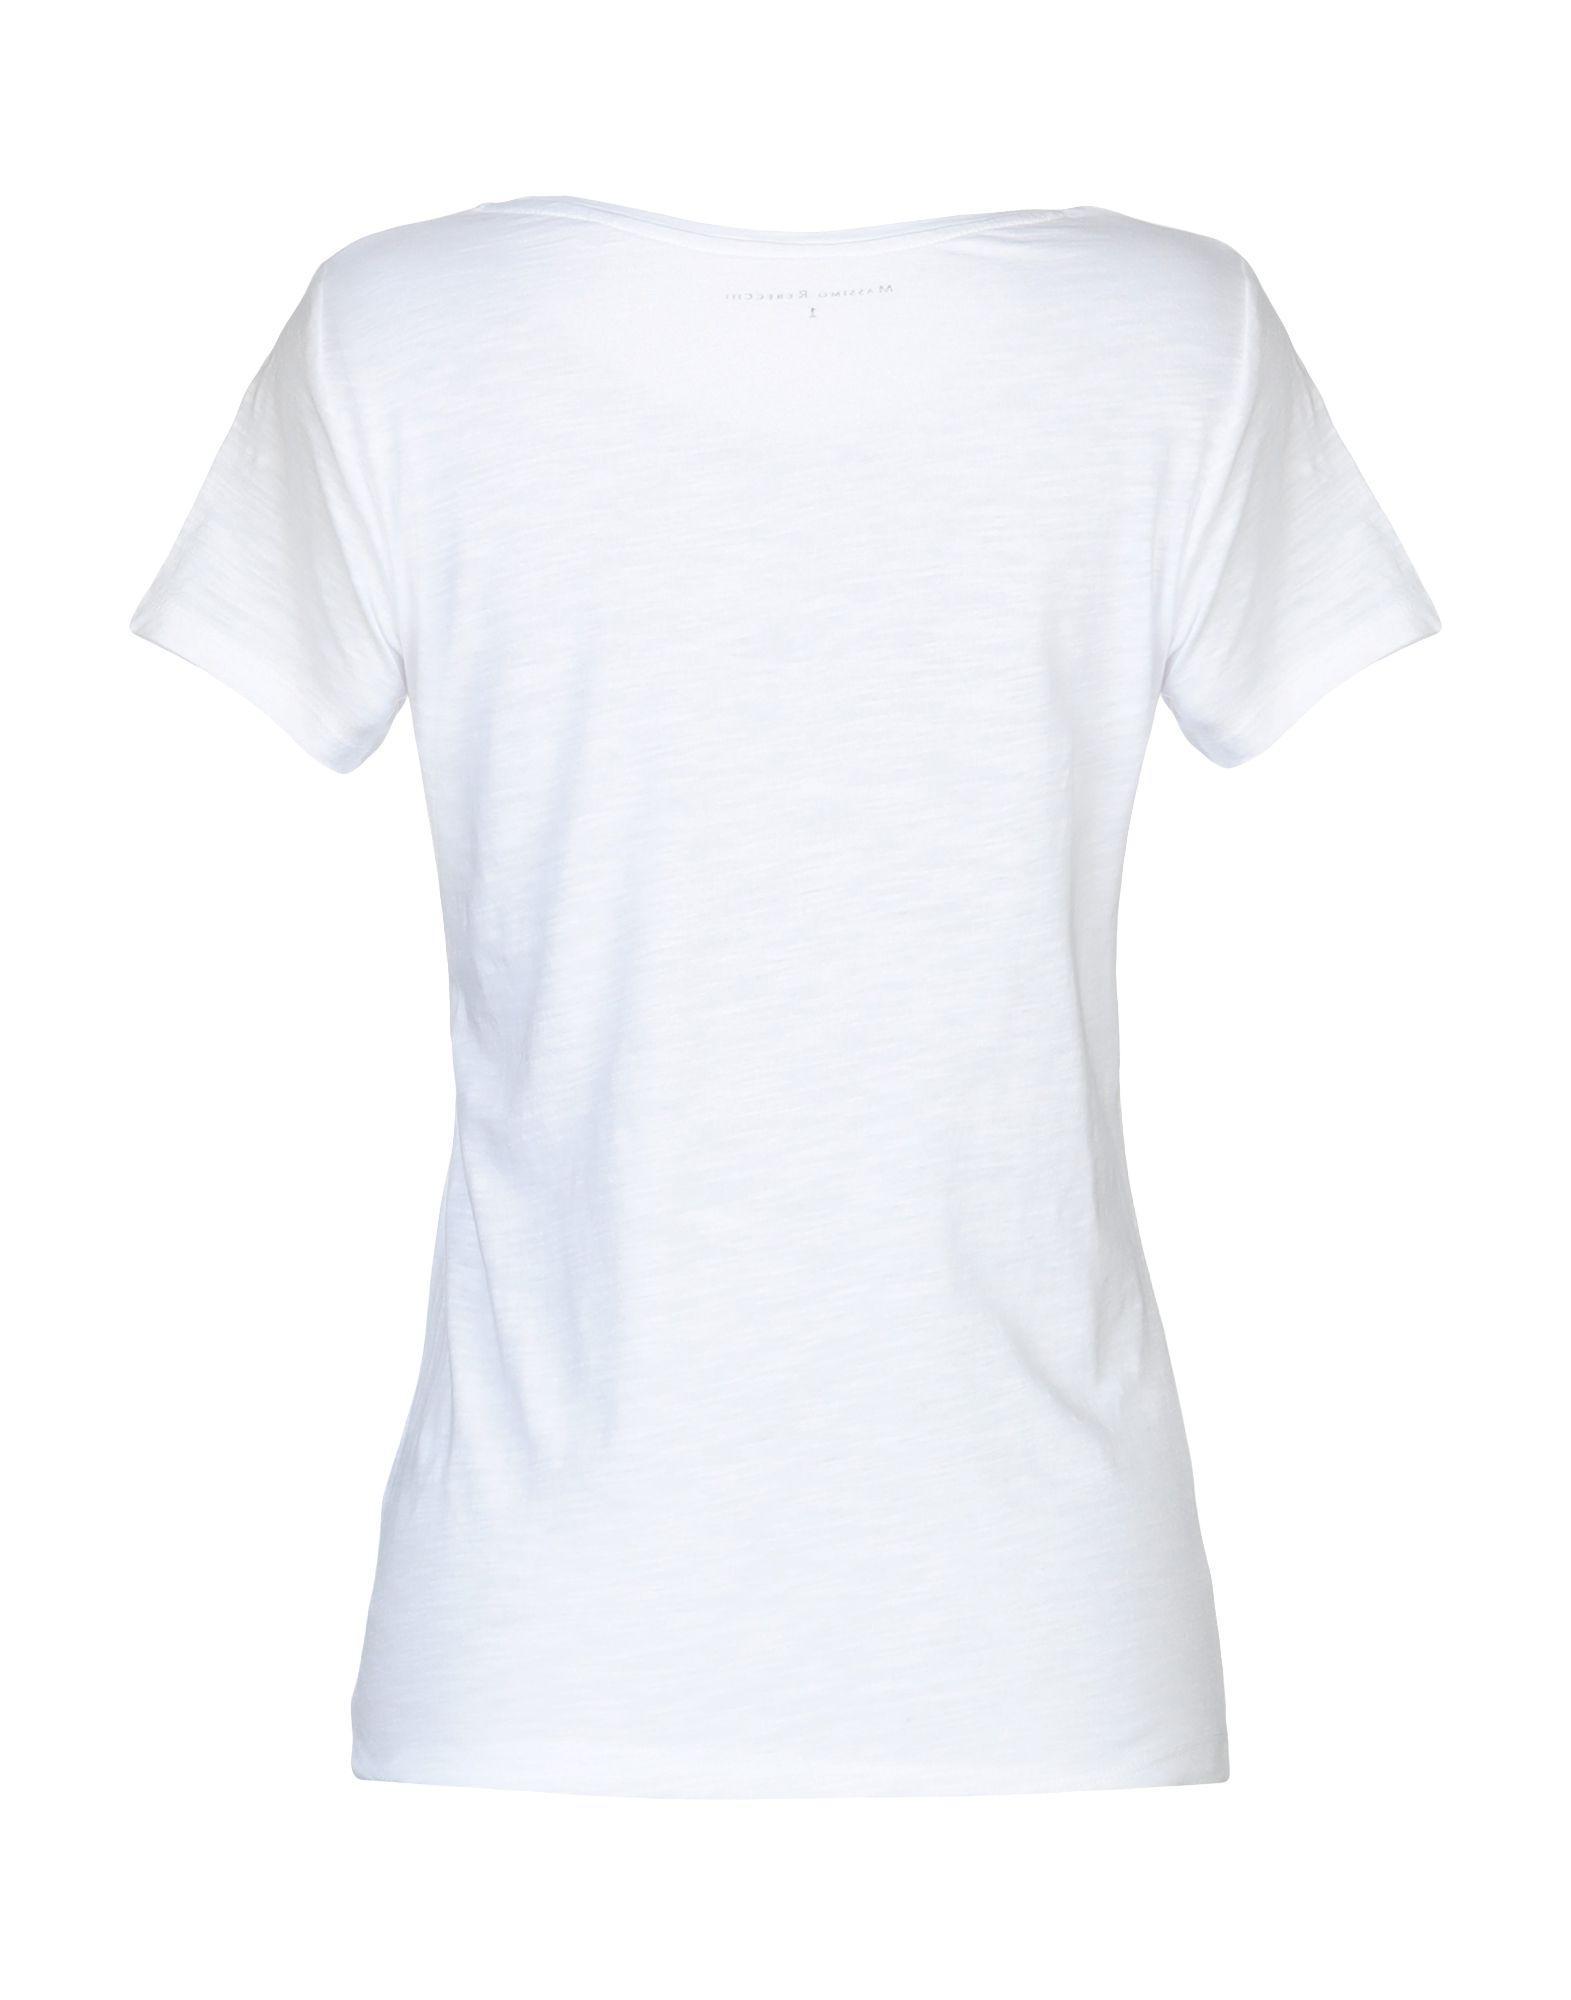 75faaa4a581e51 Lyst - Massimo Rebecchi T-shirt in White